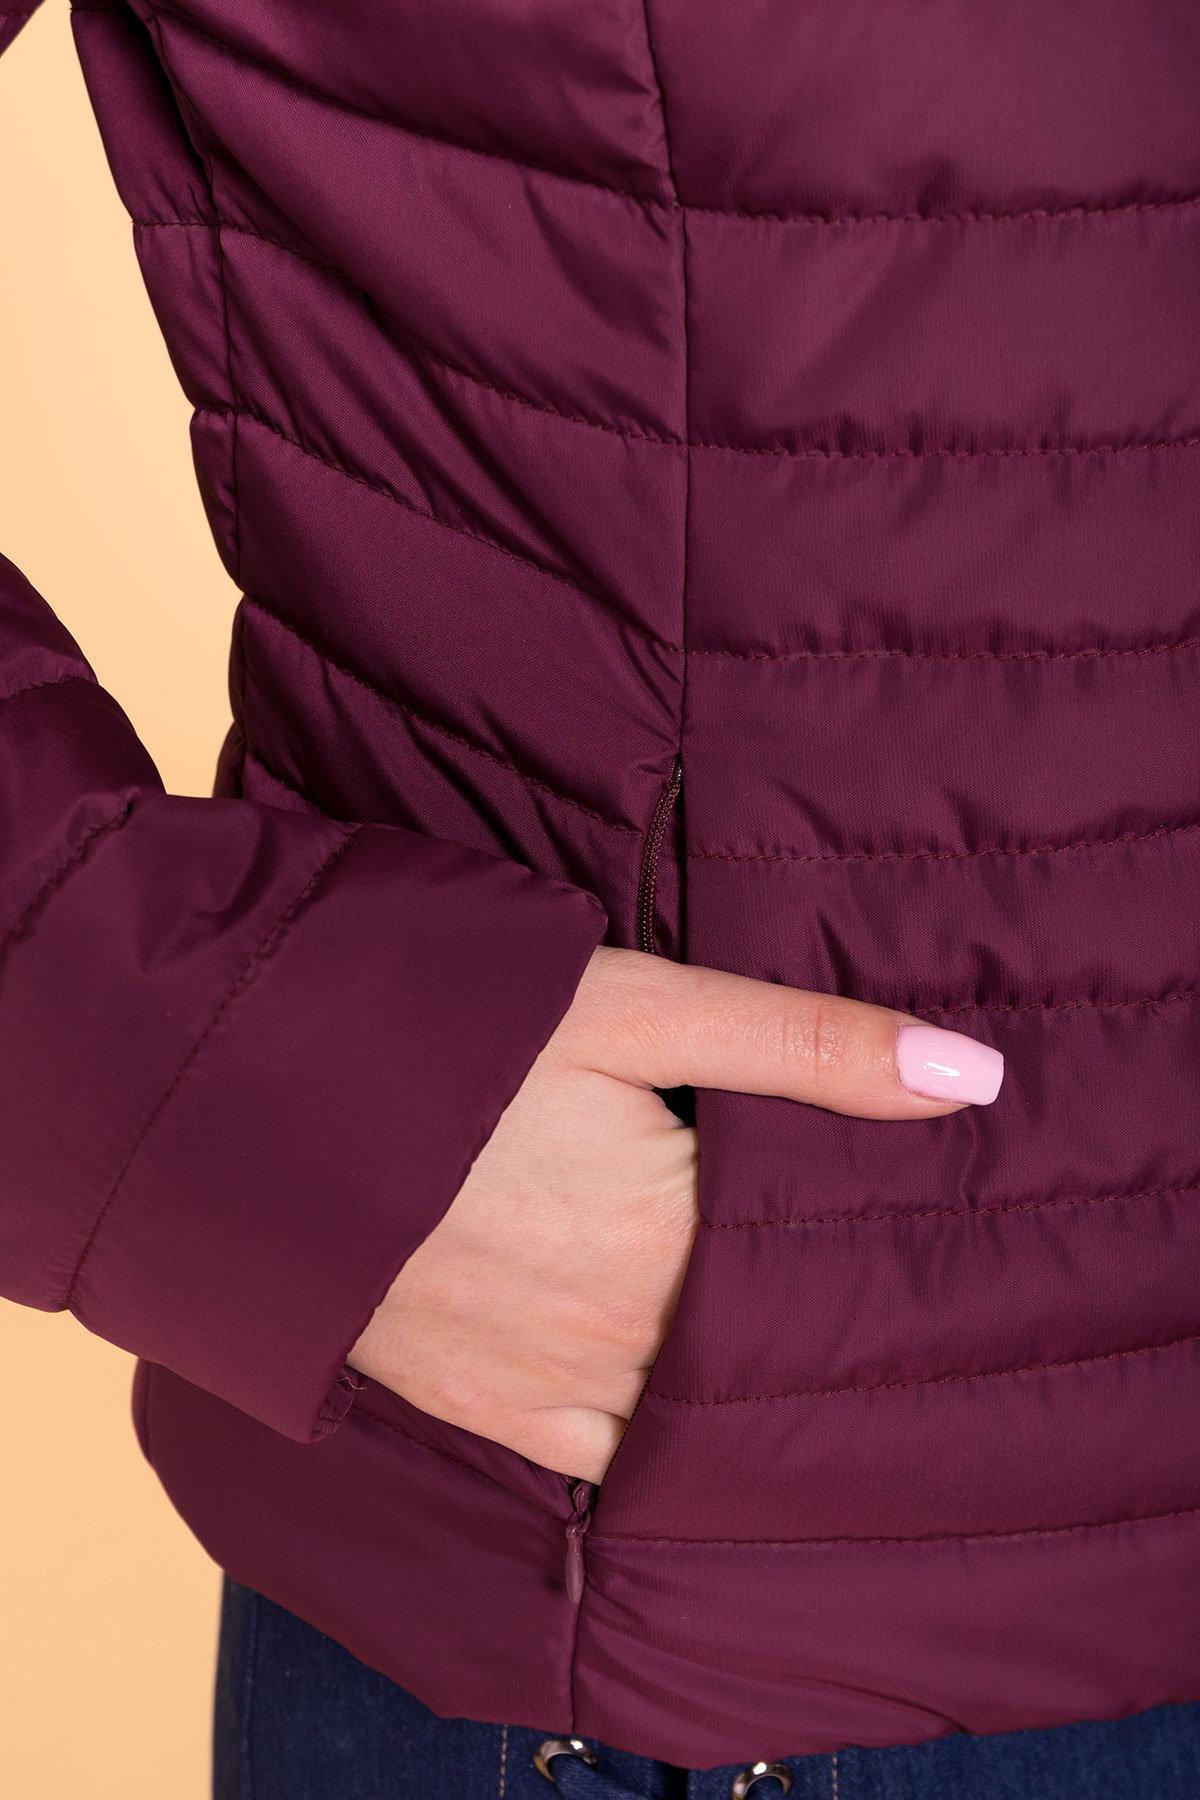 Куртка Флориса лайт 6416 АРТ. 41374 Цвет: Слива - фото 5, интернет магазин tm-modus.ru